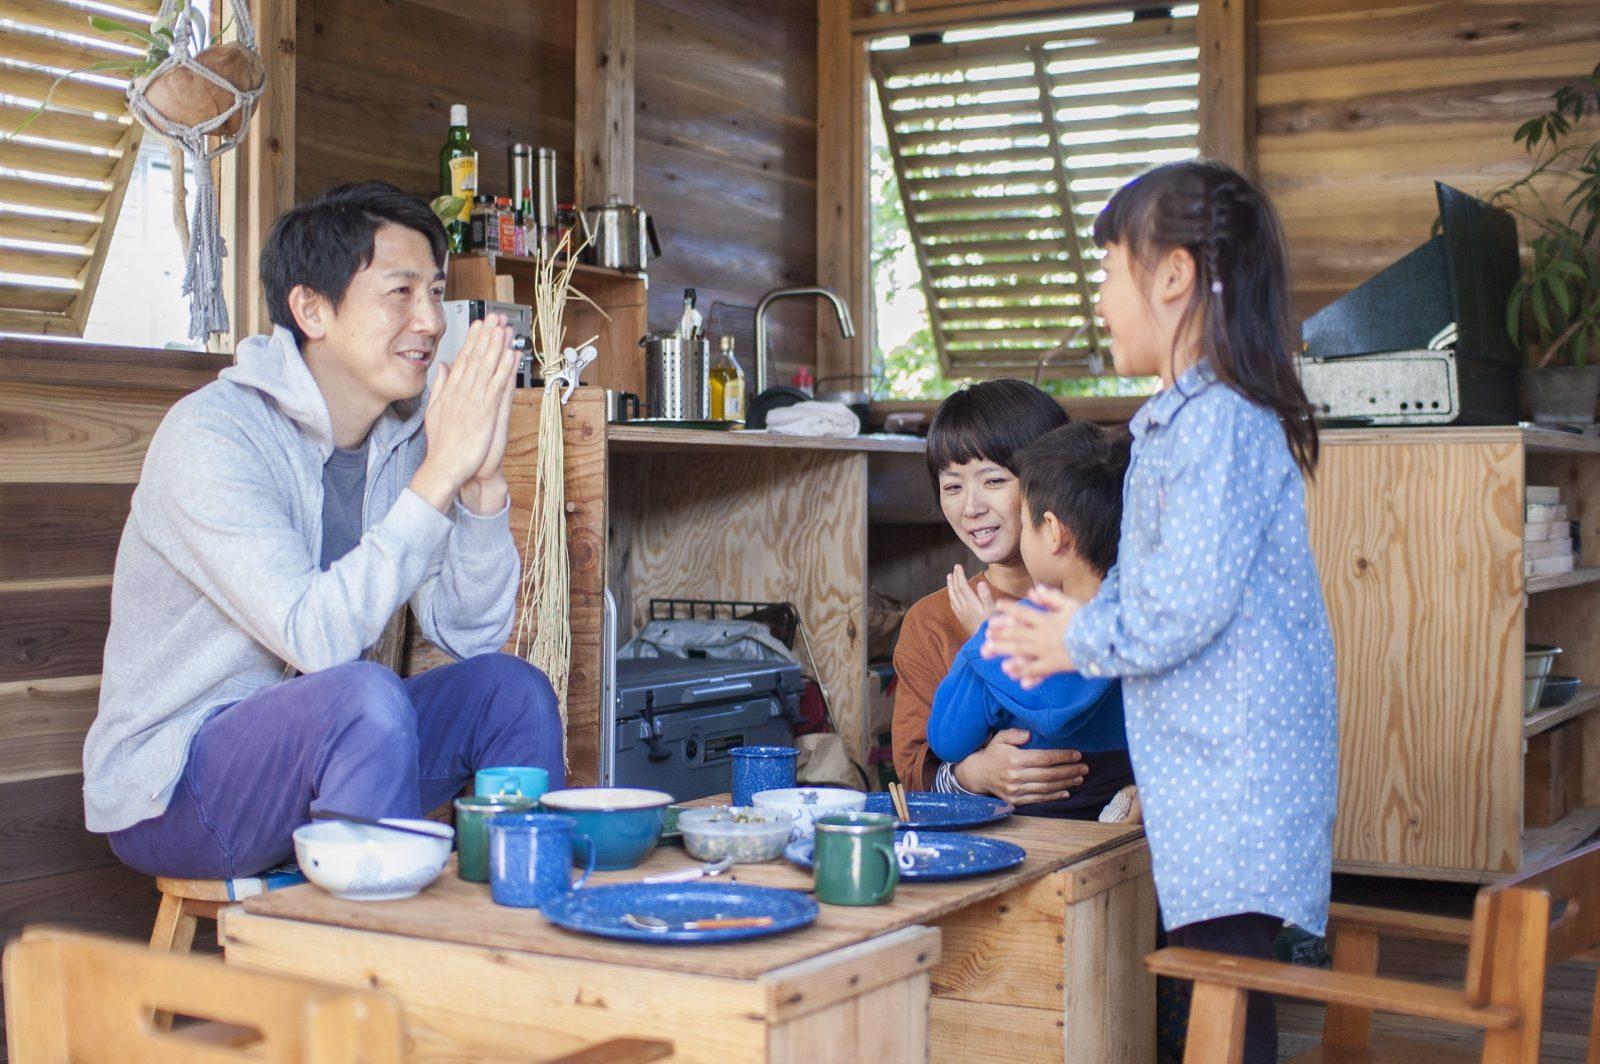 家族関係を良好に保つ秘訣:セルフコントロール力を高める